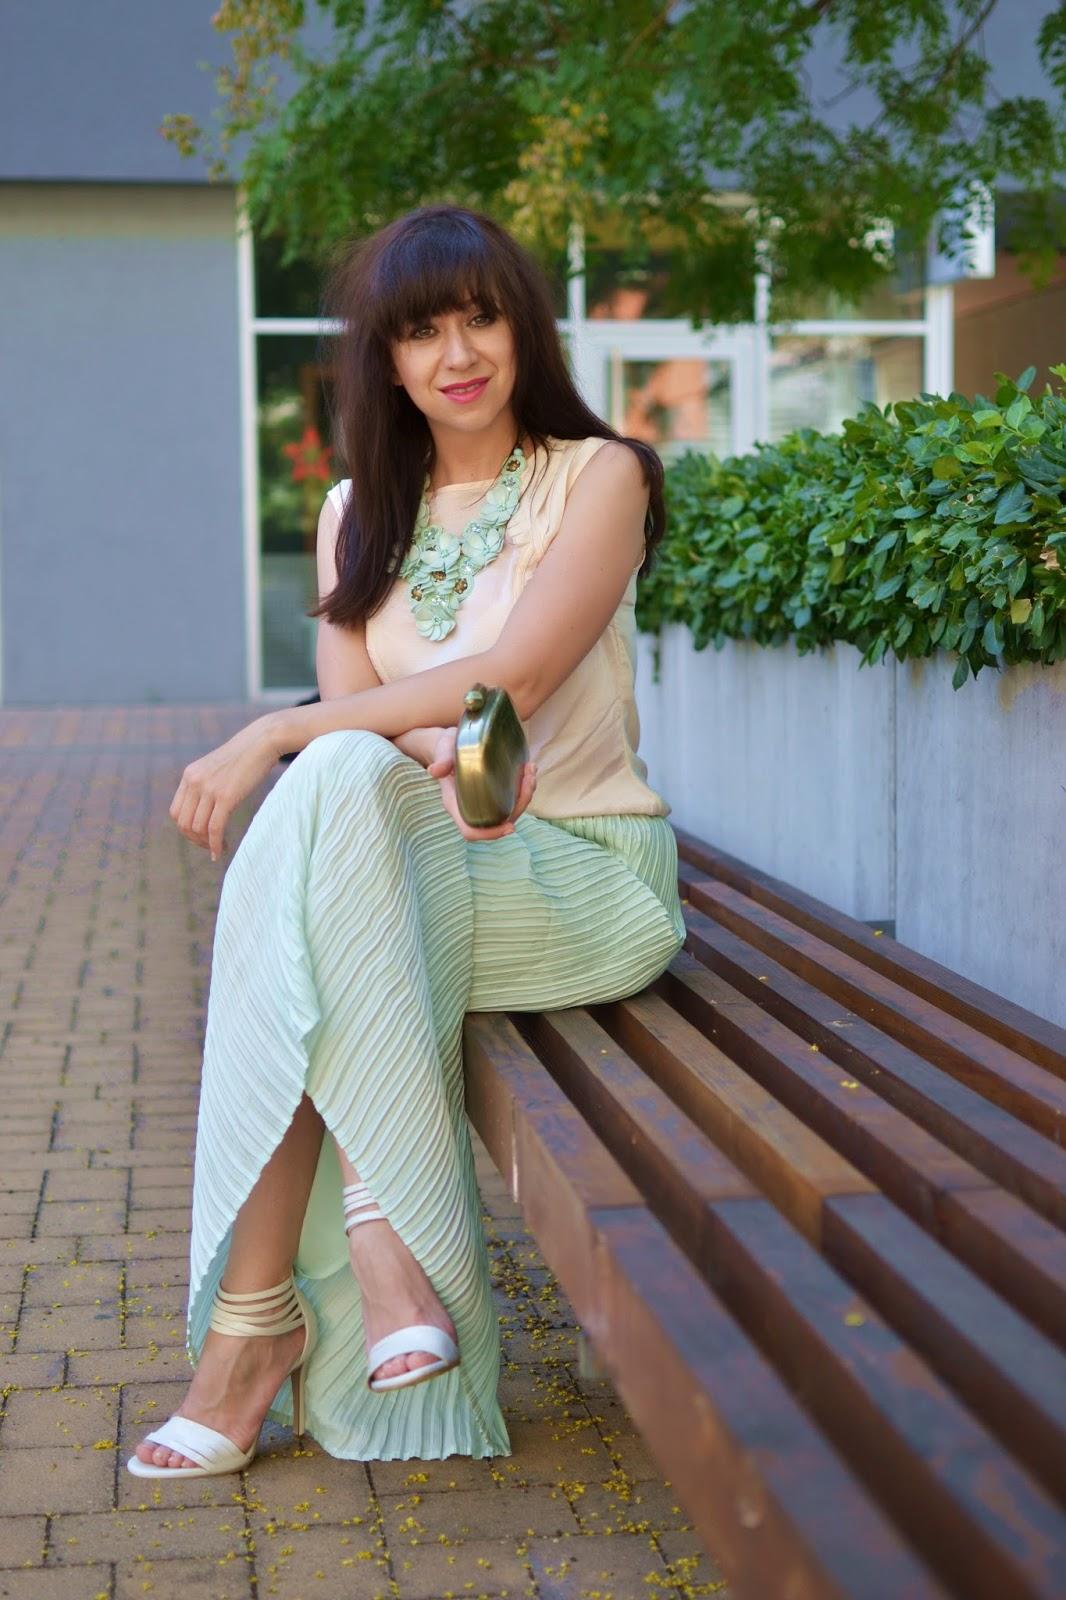 More time_Katharine-fashion is beautiful_Maxi mint sukňa_Masívny náhrdelník_Biele sandále_Katarína Jakubčová_Fashion blogger